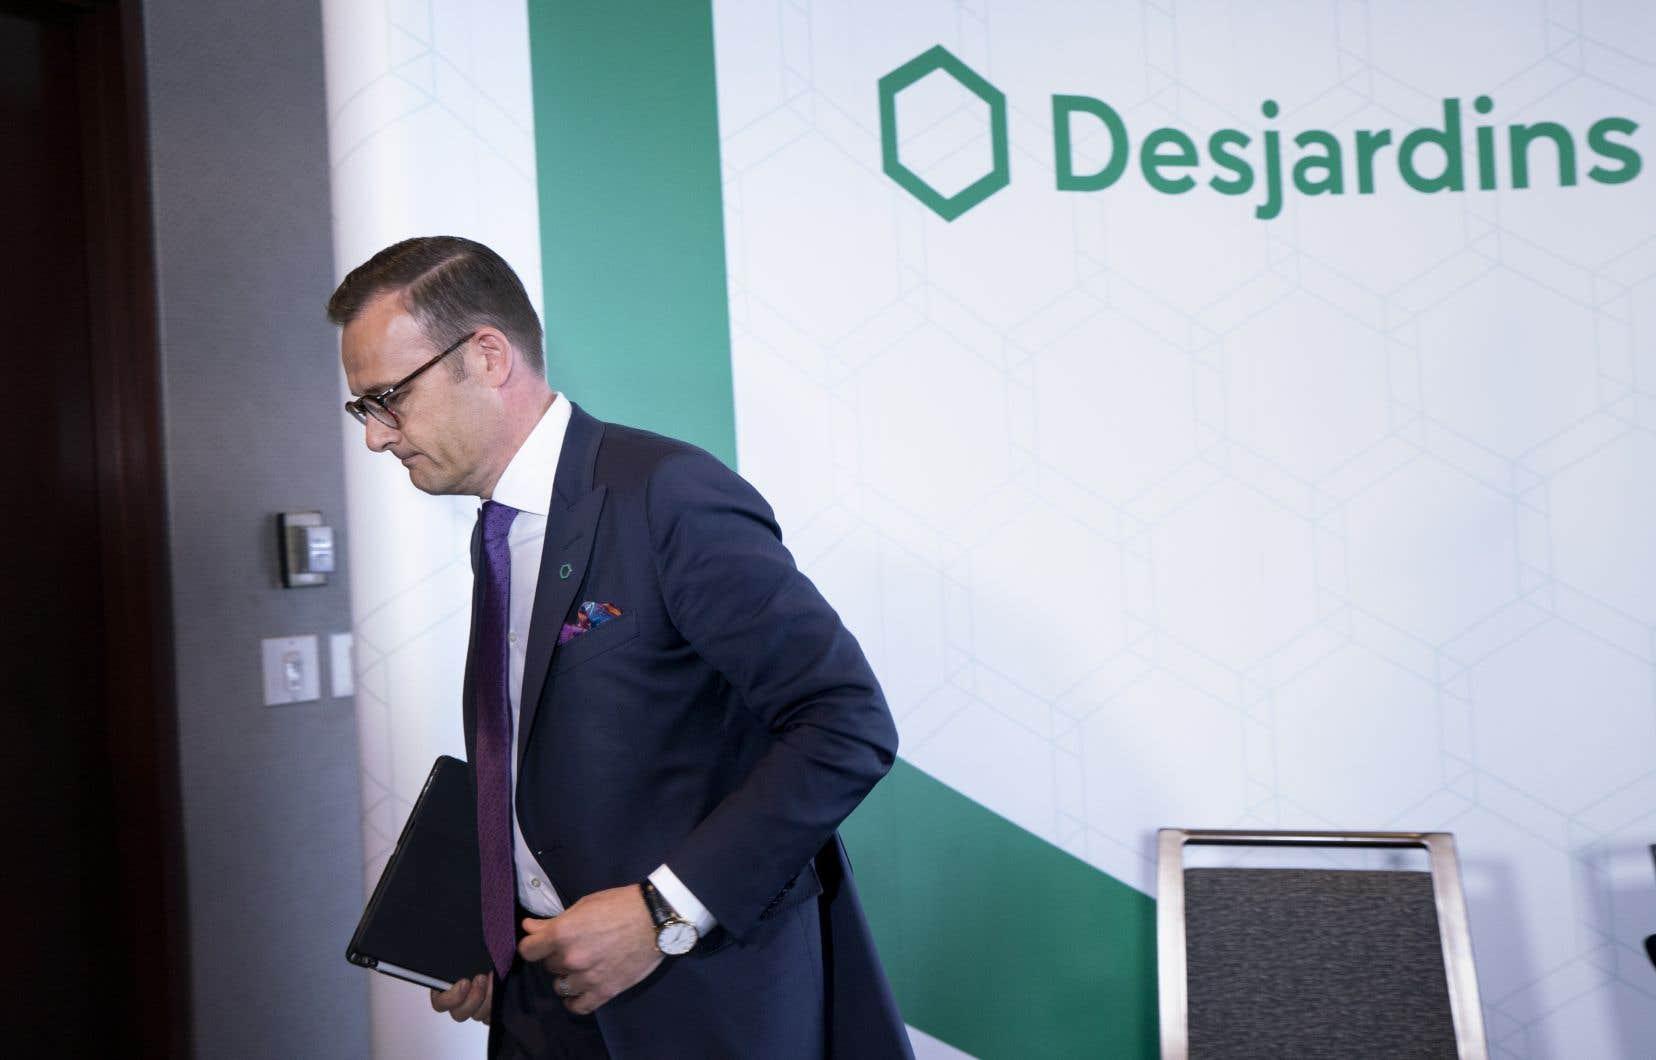 Le président de Desjardins, Guy Cormier, après l'annonce du vol de données